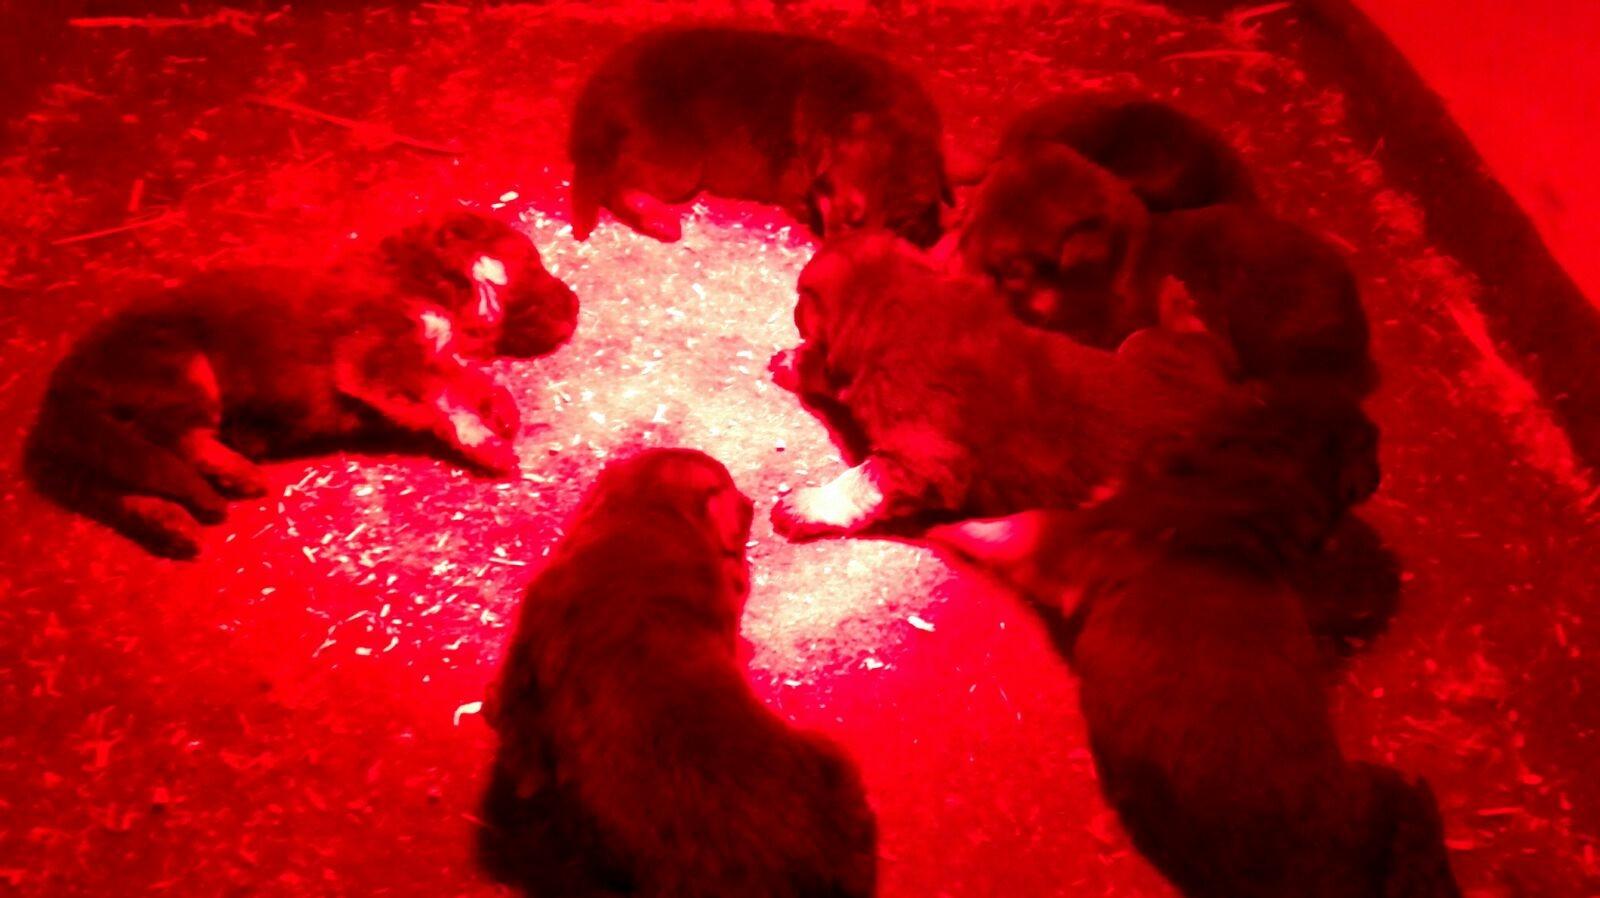 Kuscheln unterm Rotlicht